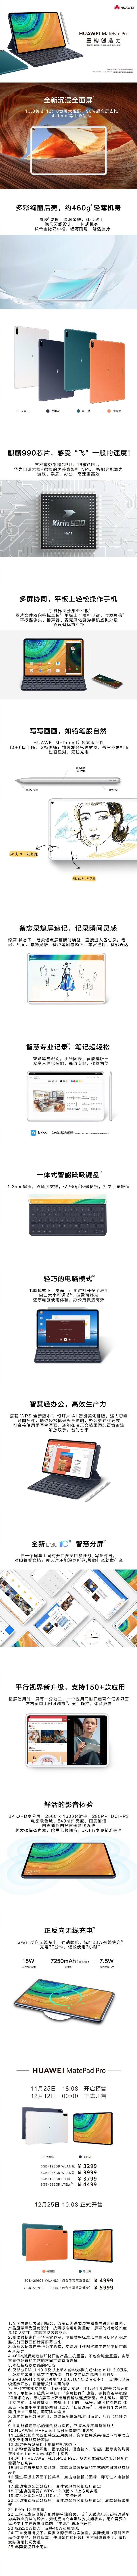 一图看懂MatePad Pro平板电脑-玩懂手机网 - 玩懂手机第一手的手机资讯网(www.wdshouji.com)